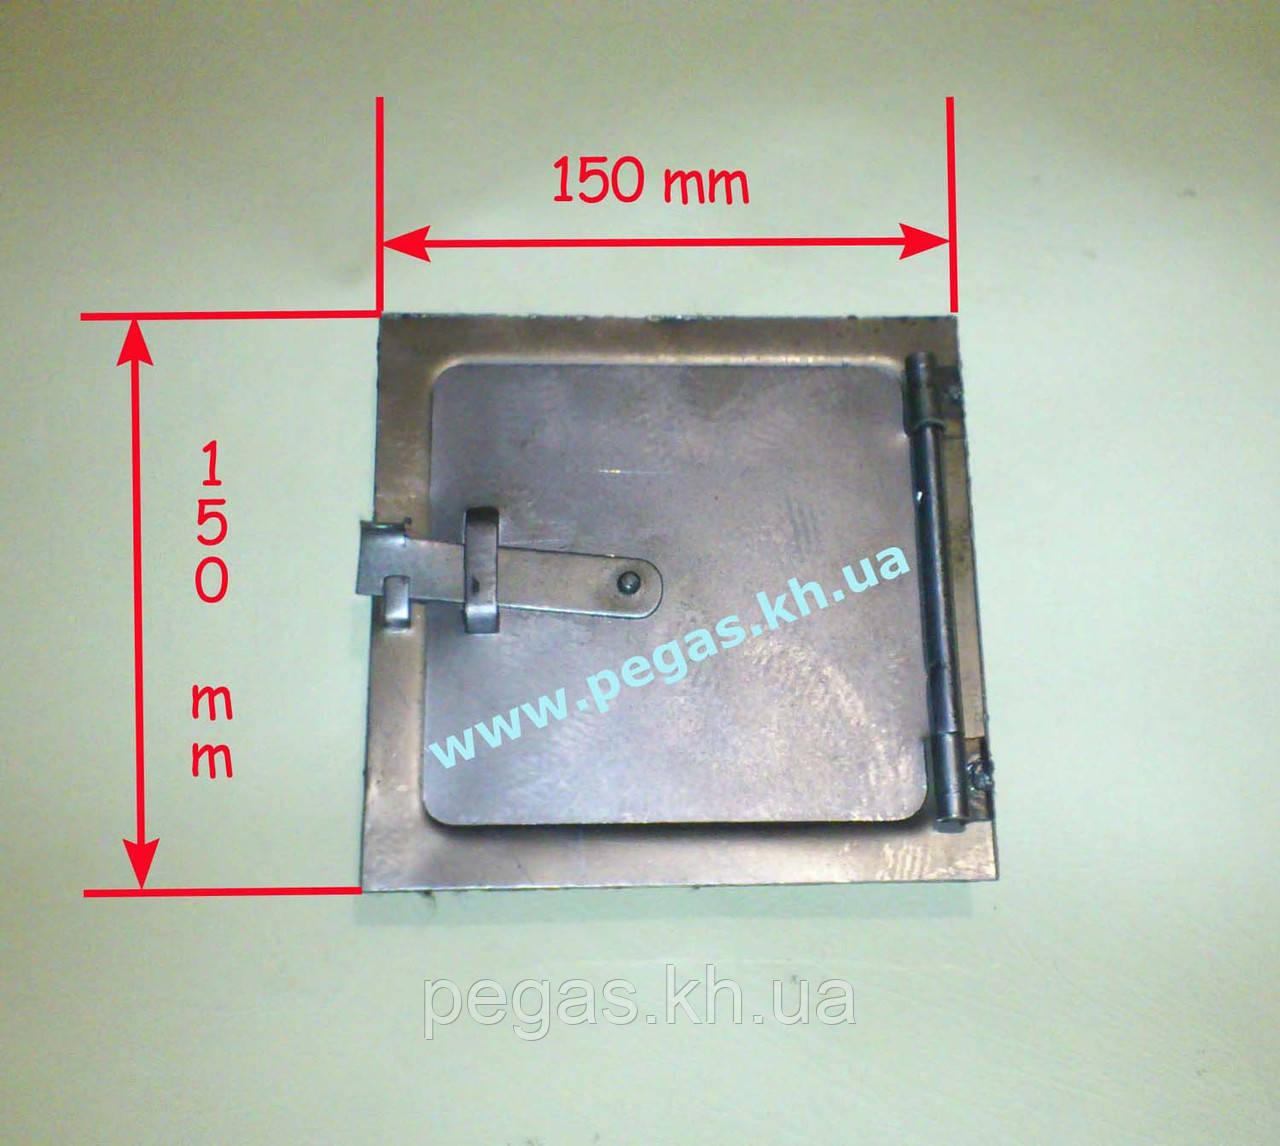 Дверка прочистная металлическая (150х150 мм)